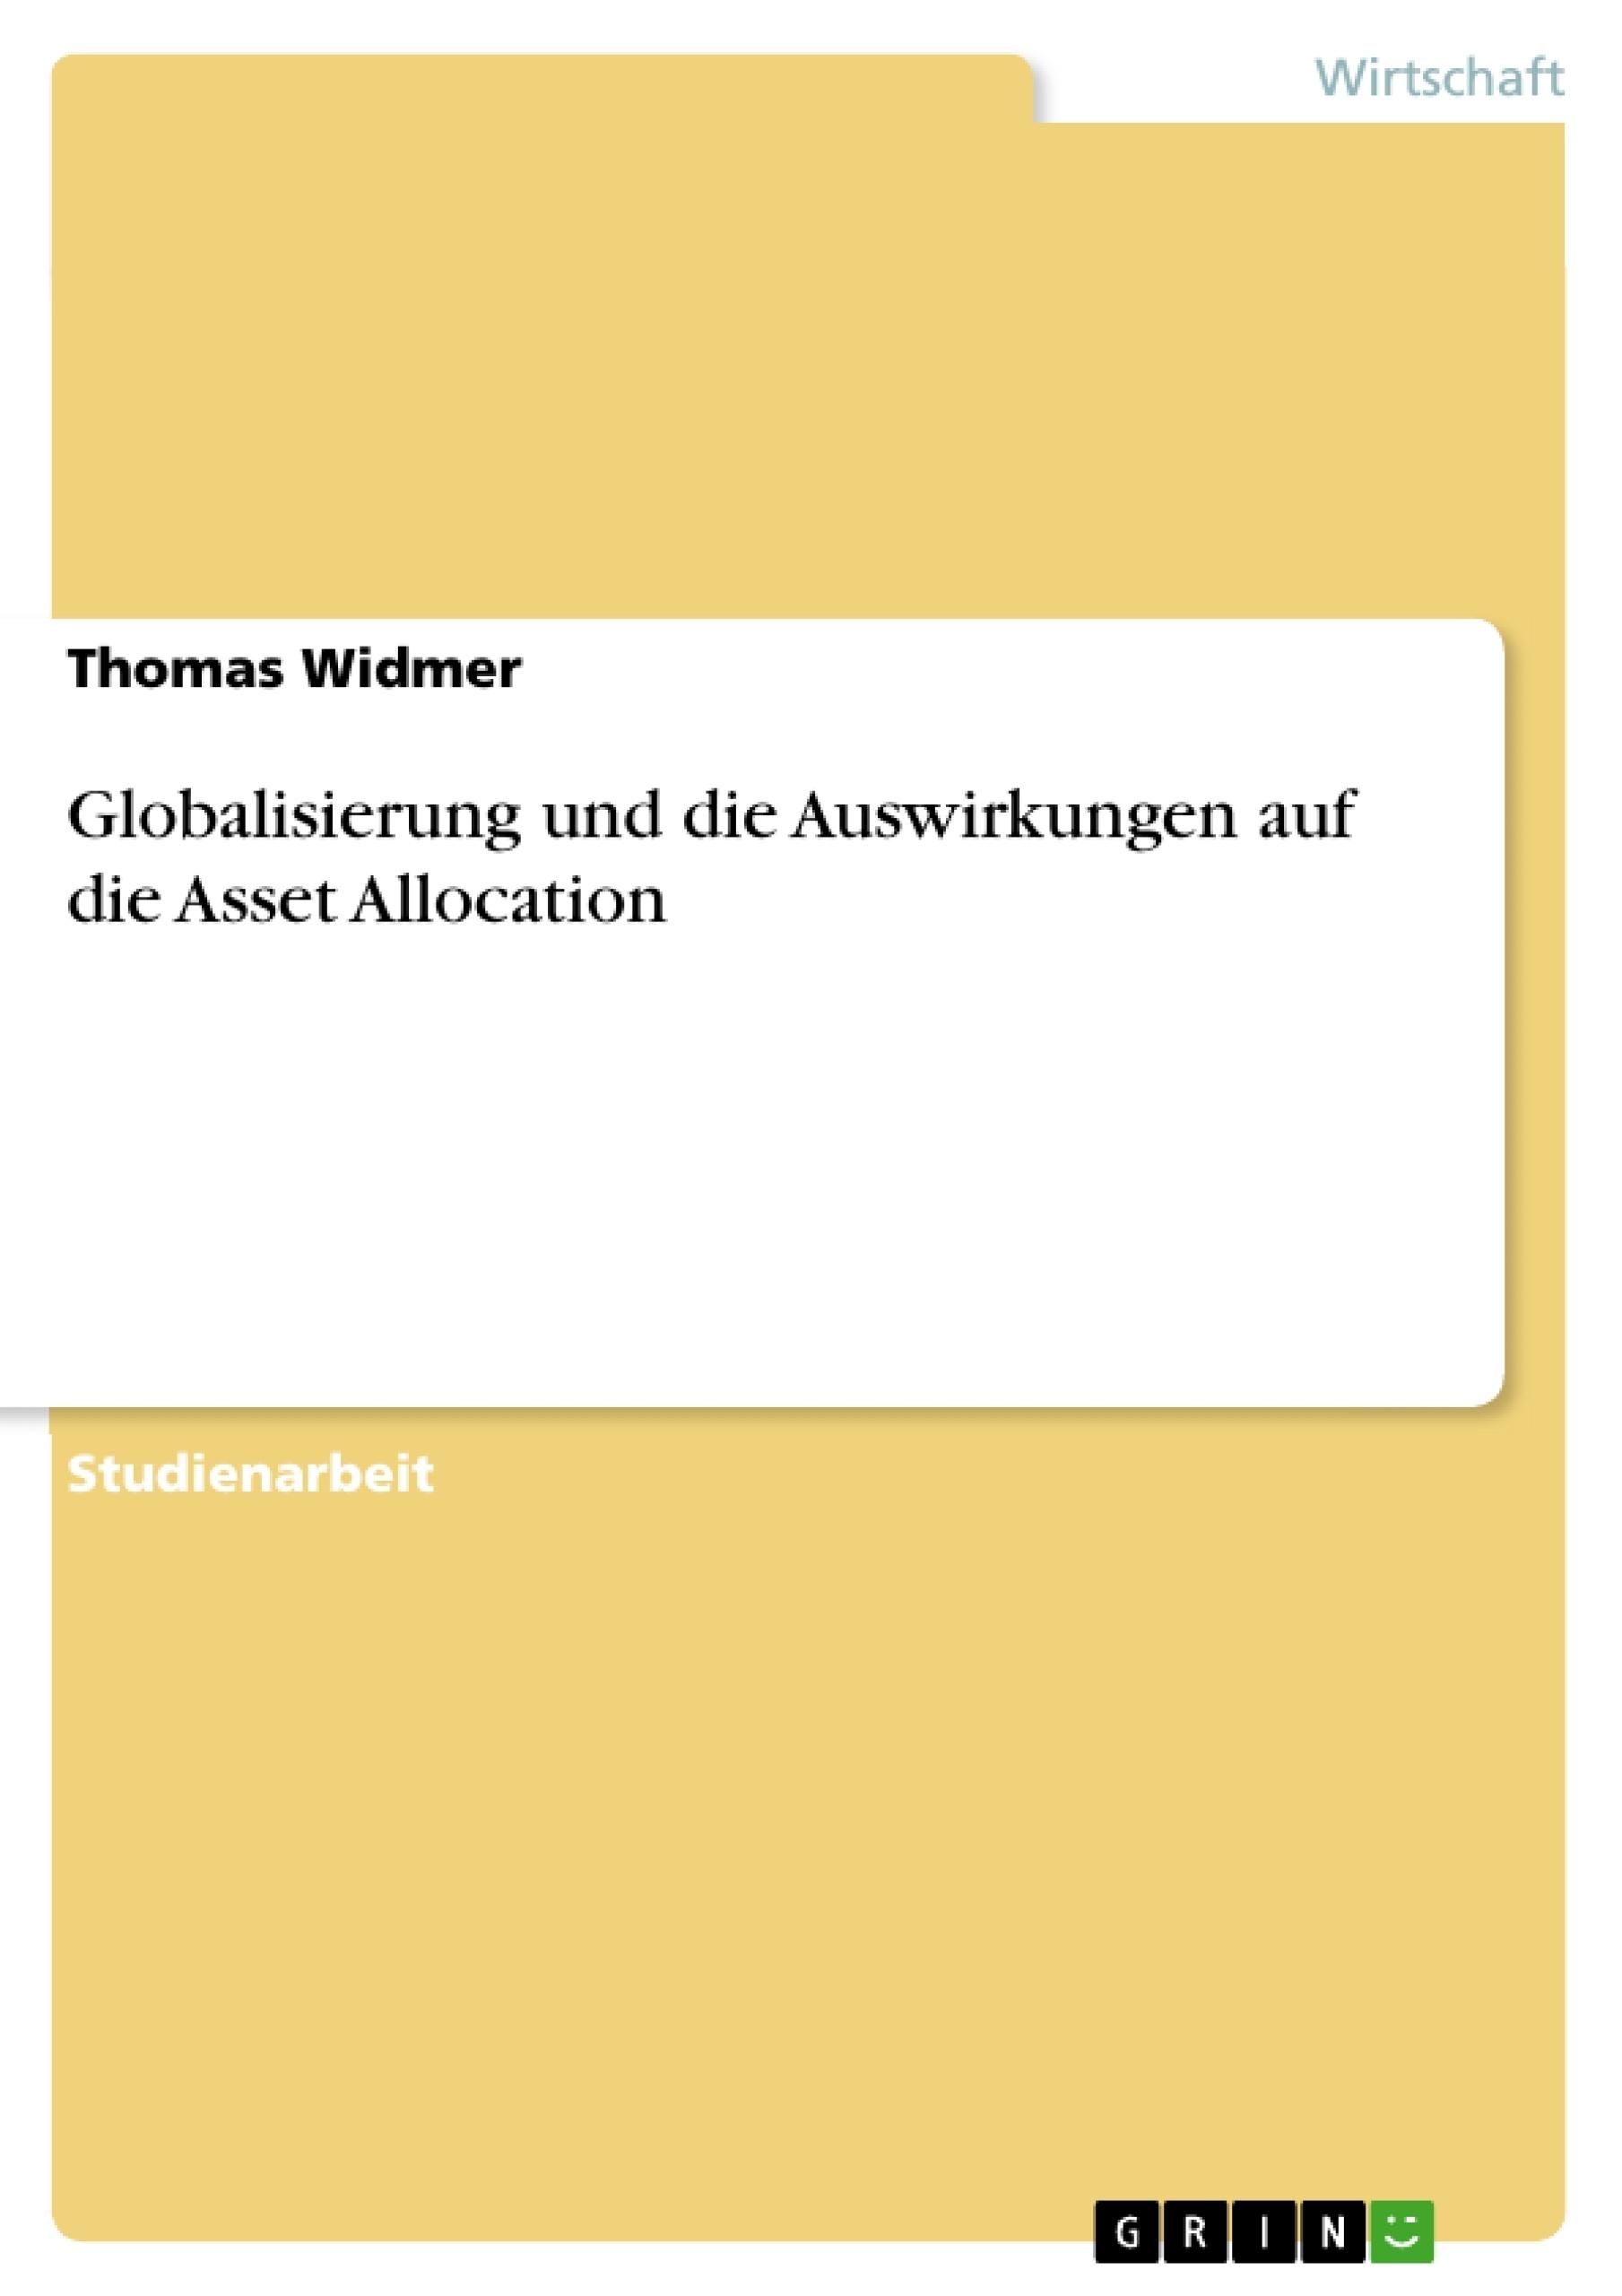 Titel: Globalisierung und die Auswirkungen auf die Asset Allocation